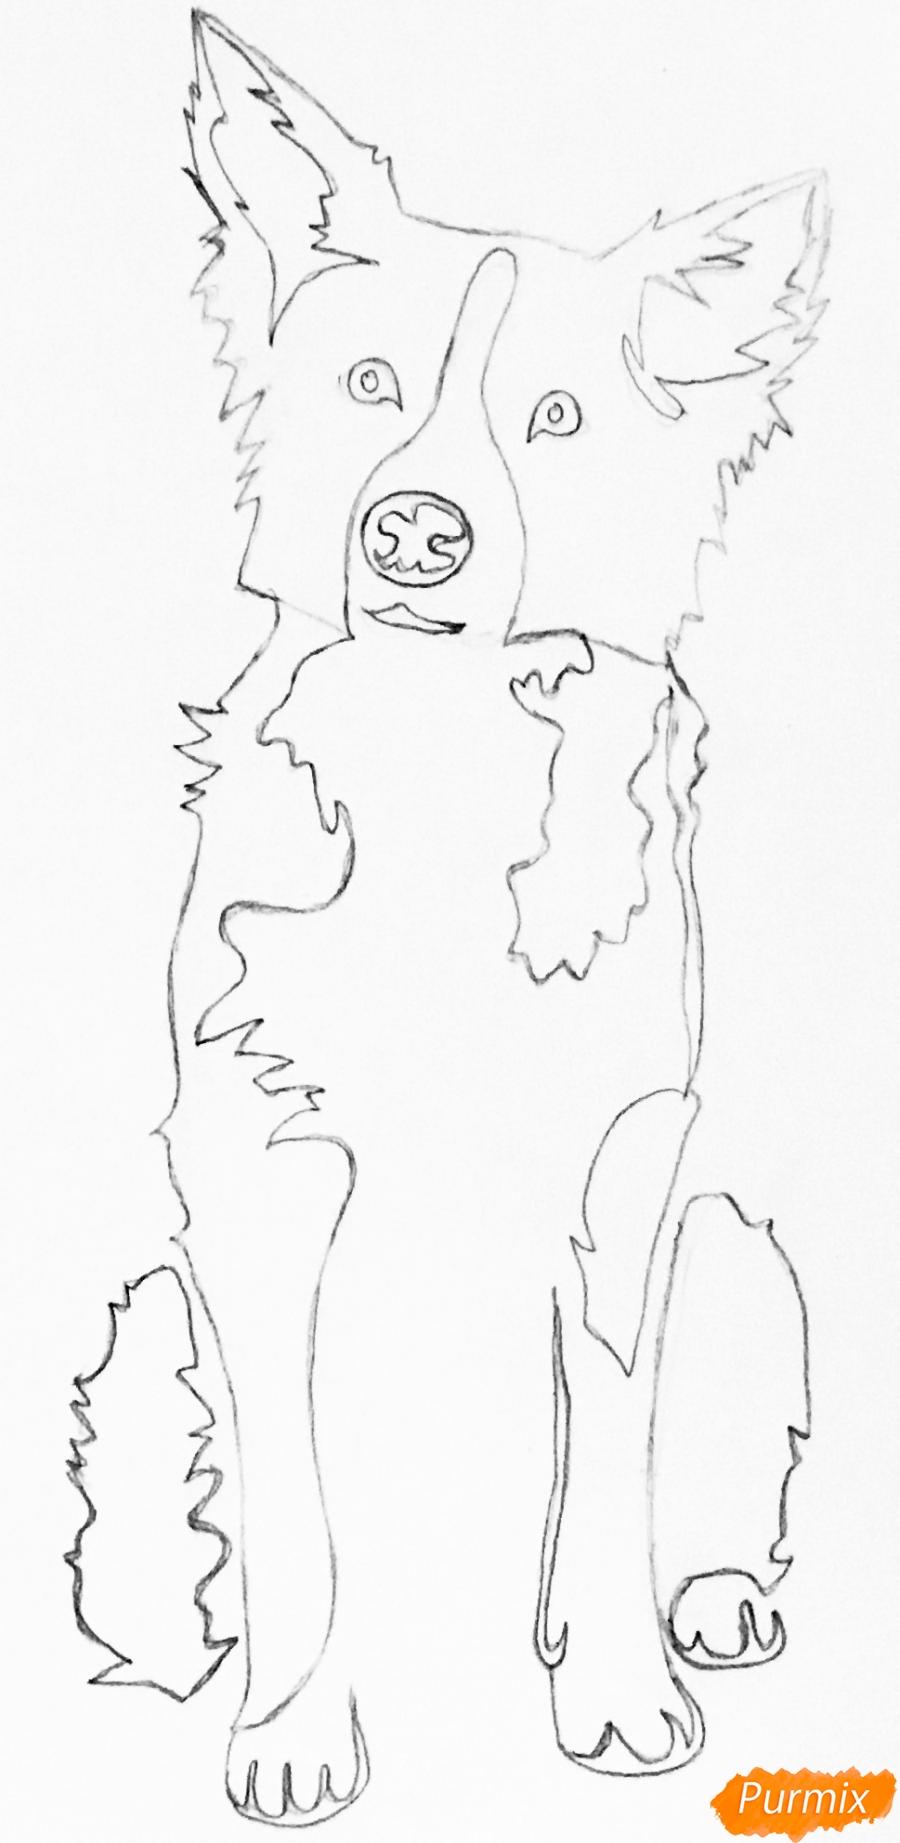 Рисуем тату собаку - фото 5